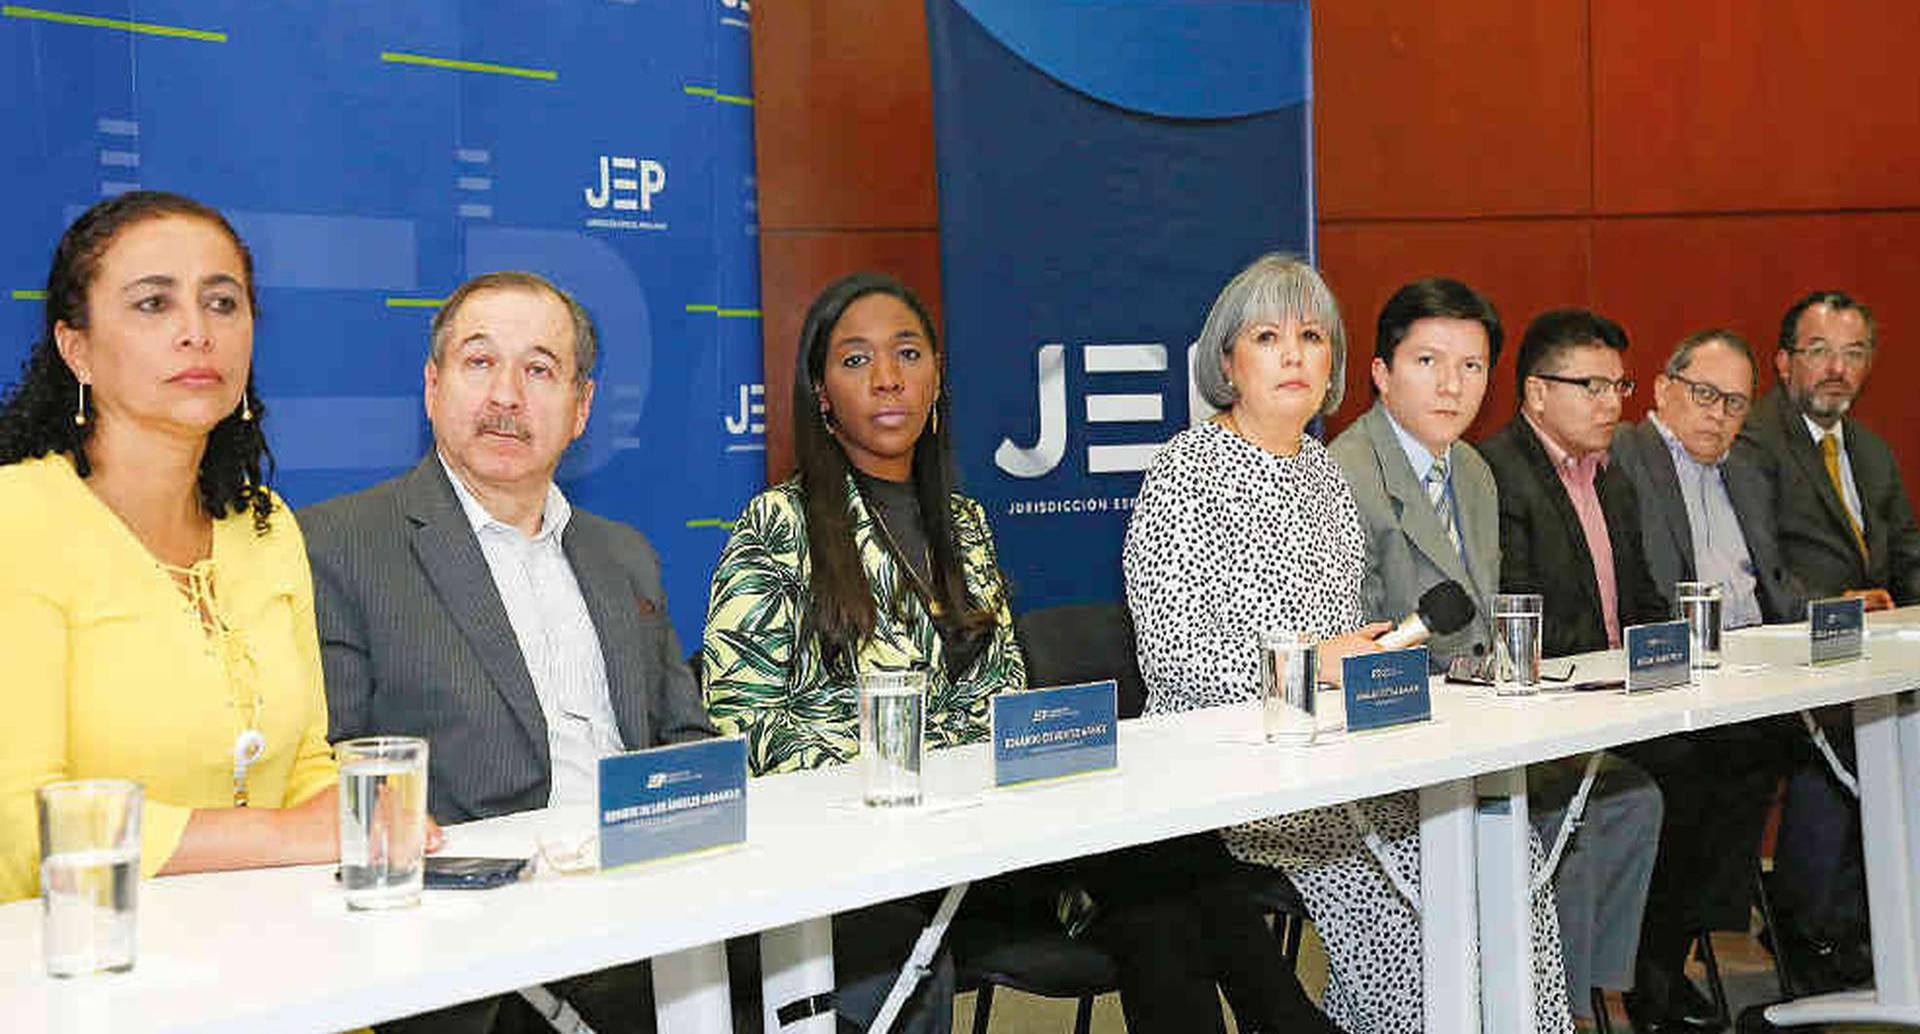 Después de varios meses se reactivarán los términos judiciales en la JEP